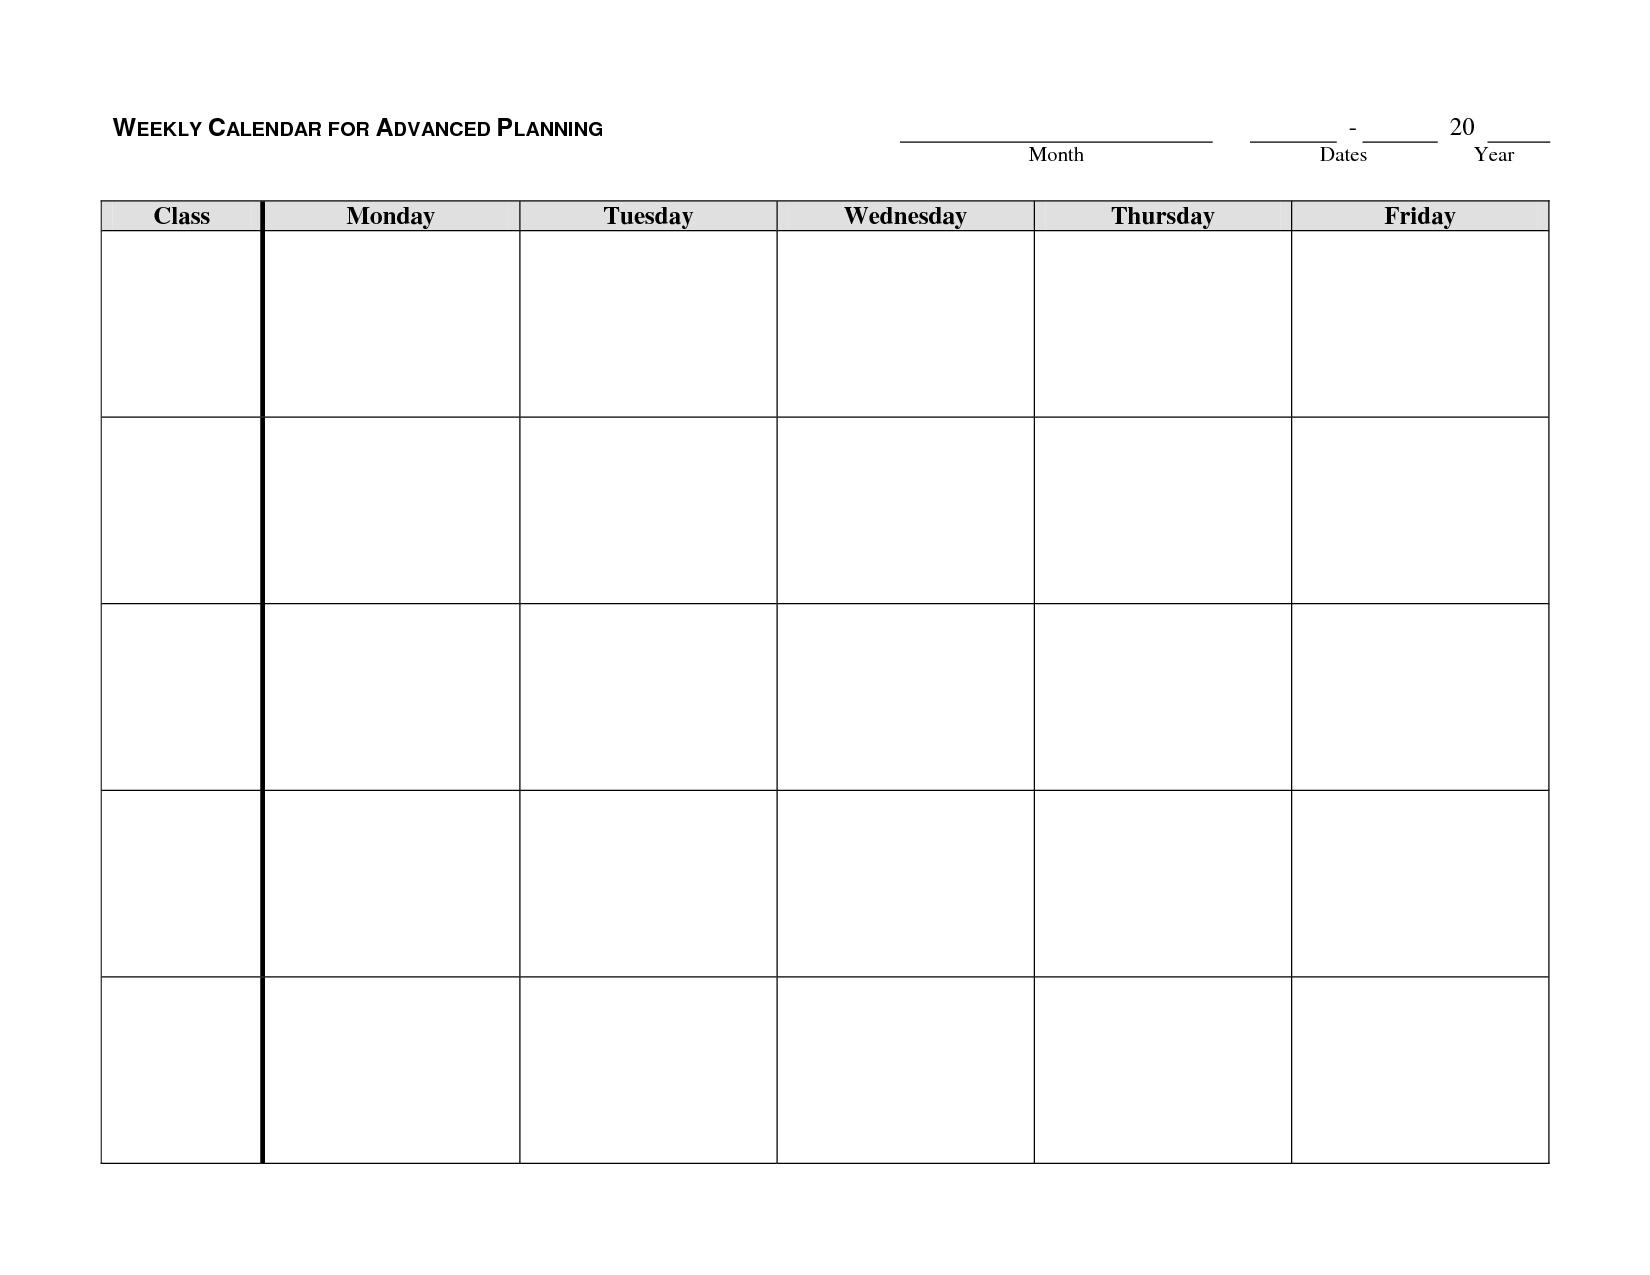 Monday To Friday Blank Calendar   Calendar Template Printable Monday To Friday Weekly Calendar